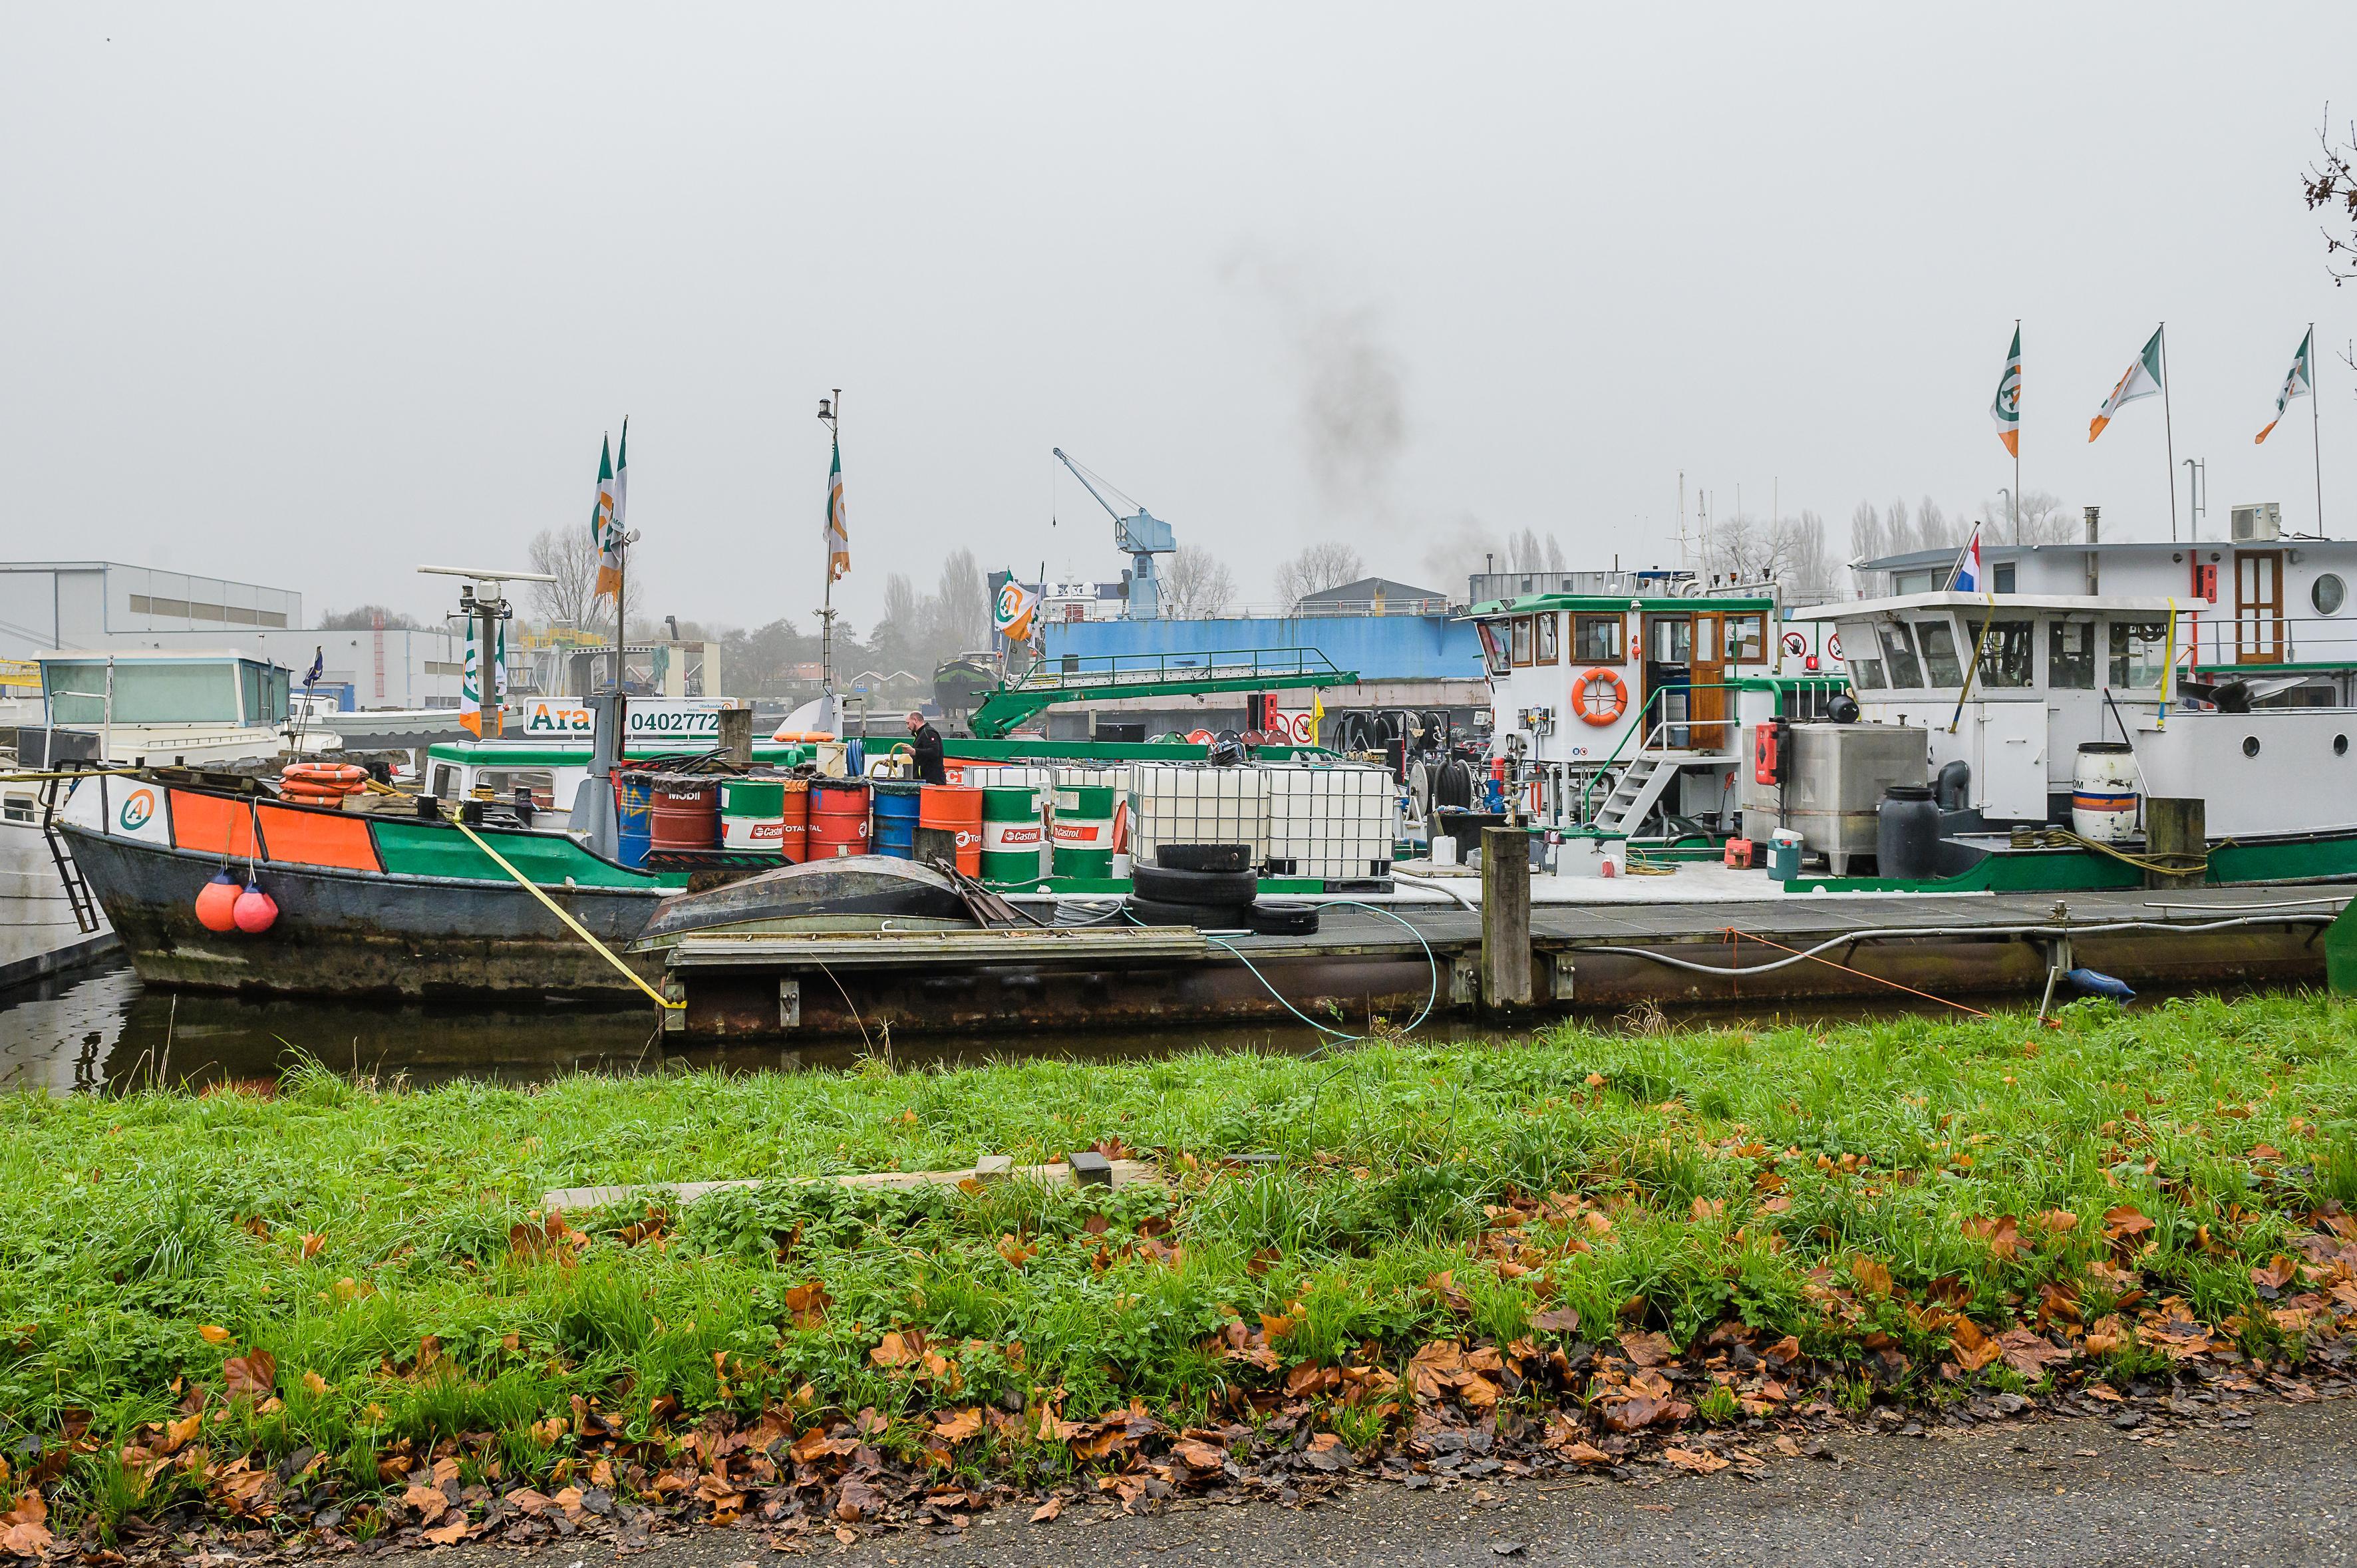 Oliehandel Van Megen niet weg, maar mag juist uitbreiden. Minder tankwagens door de wijk